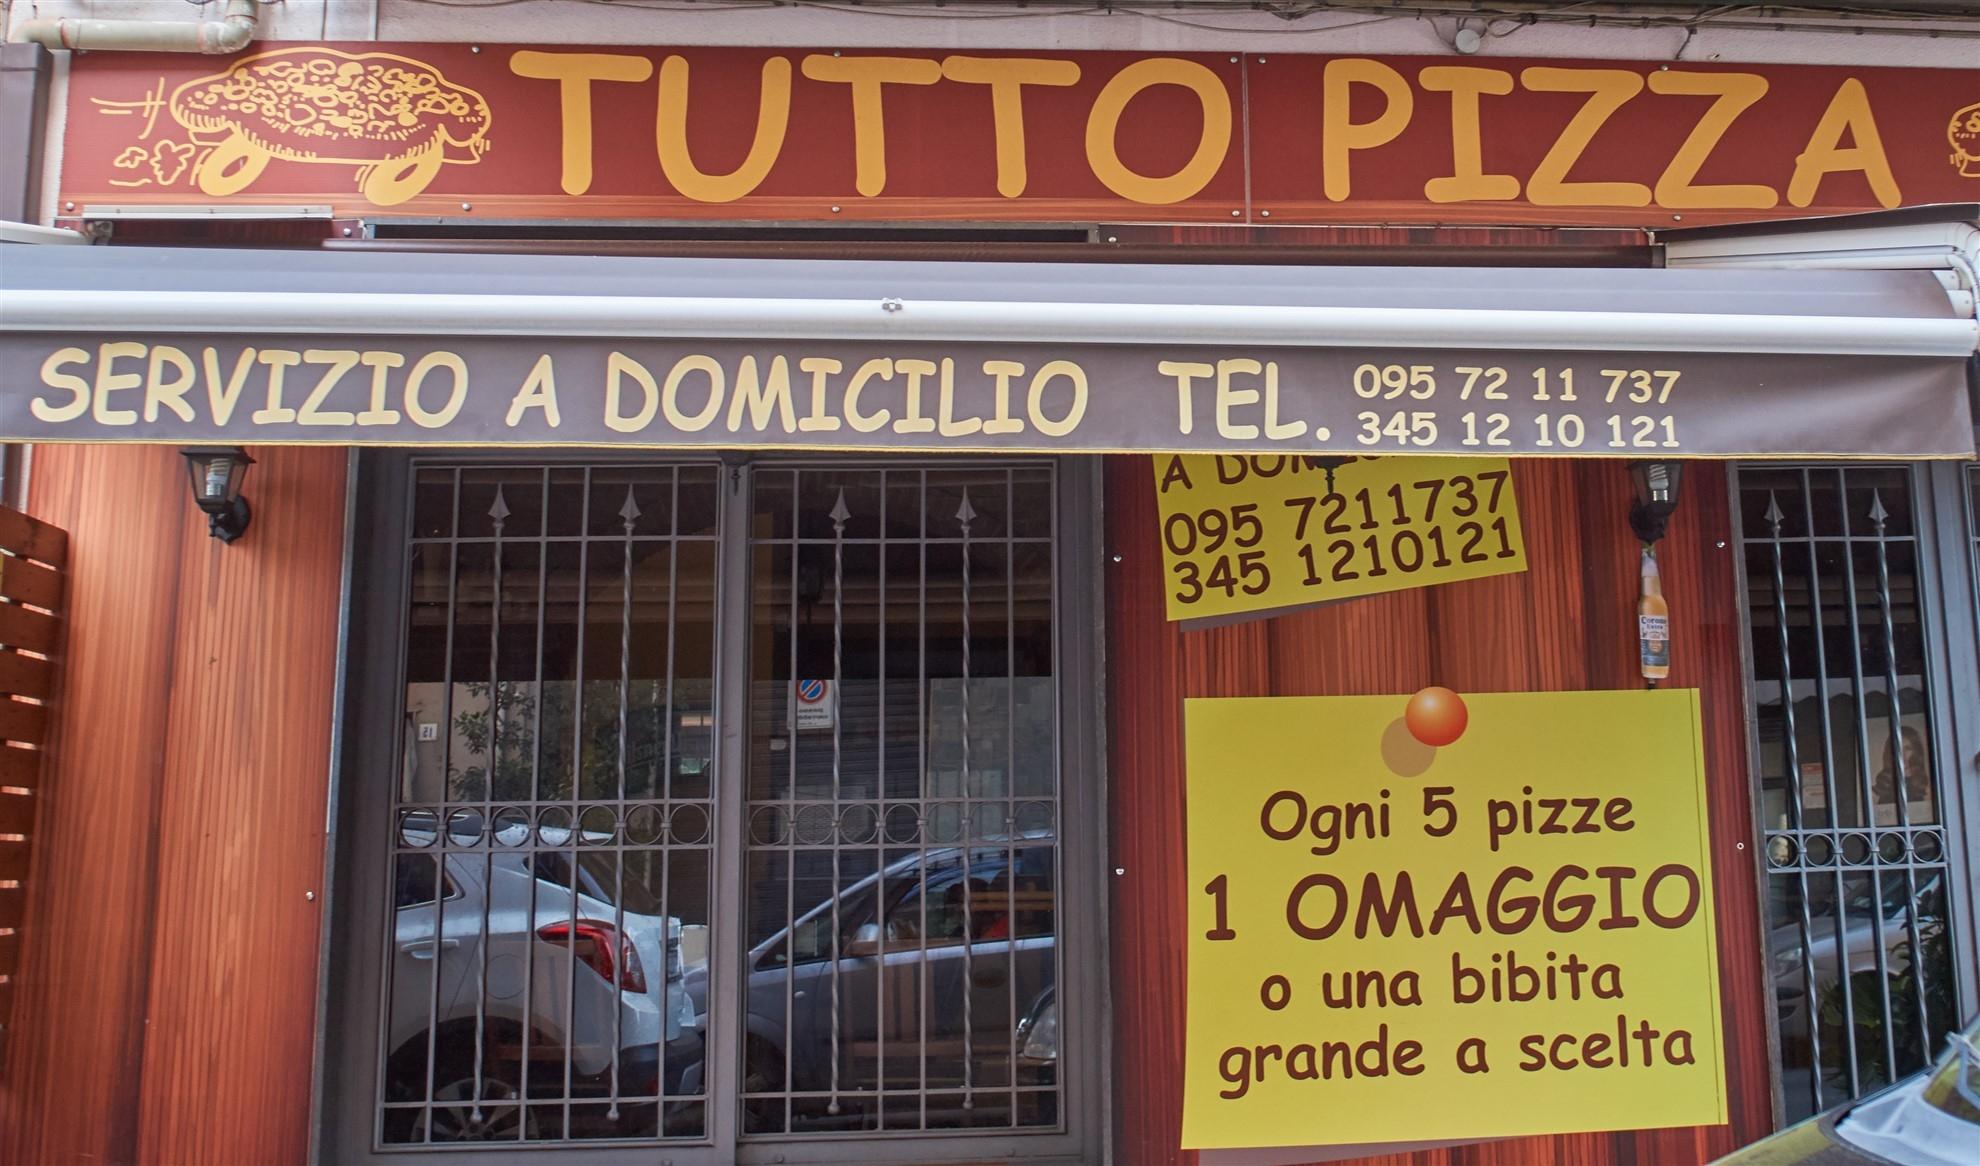 Tutto Pizza - Pizzeria, Valverde